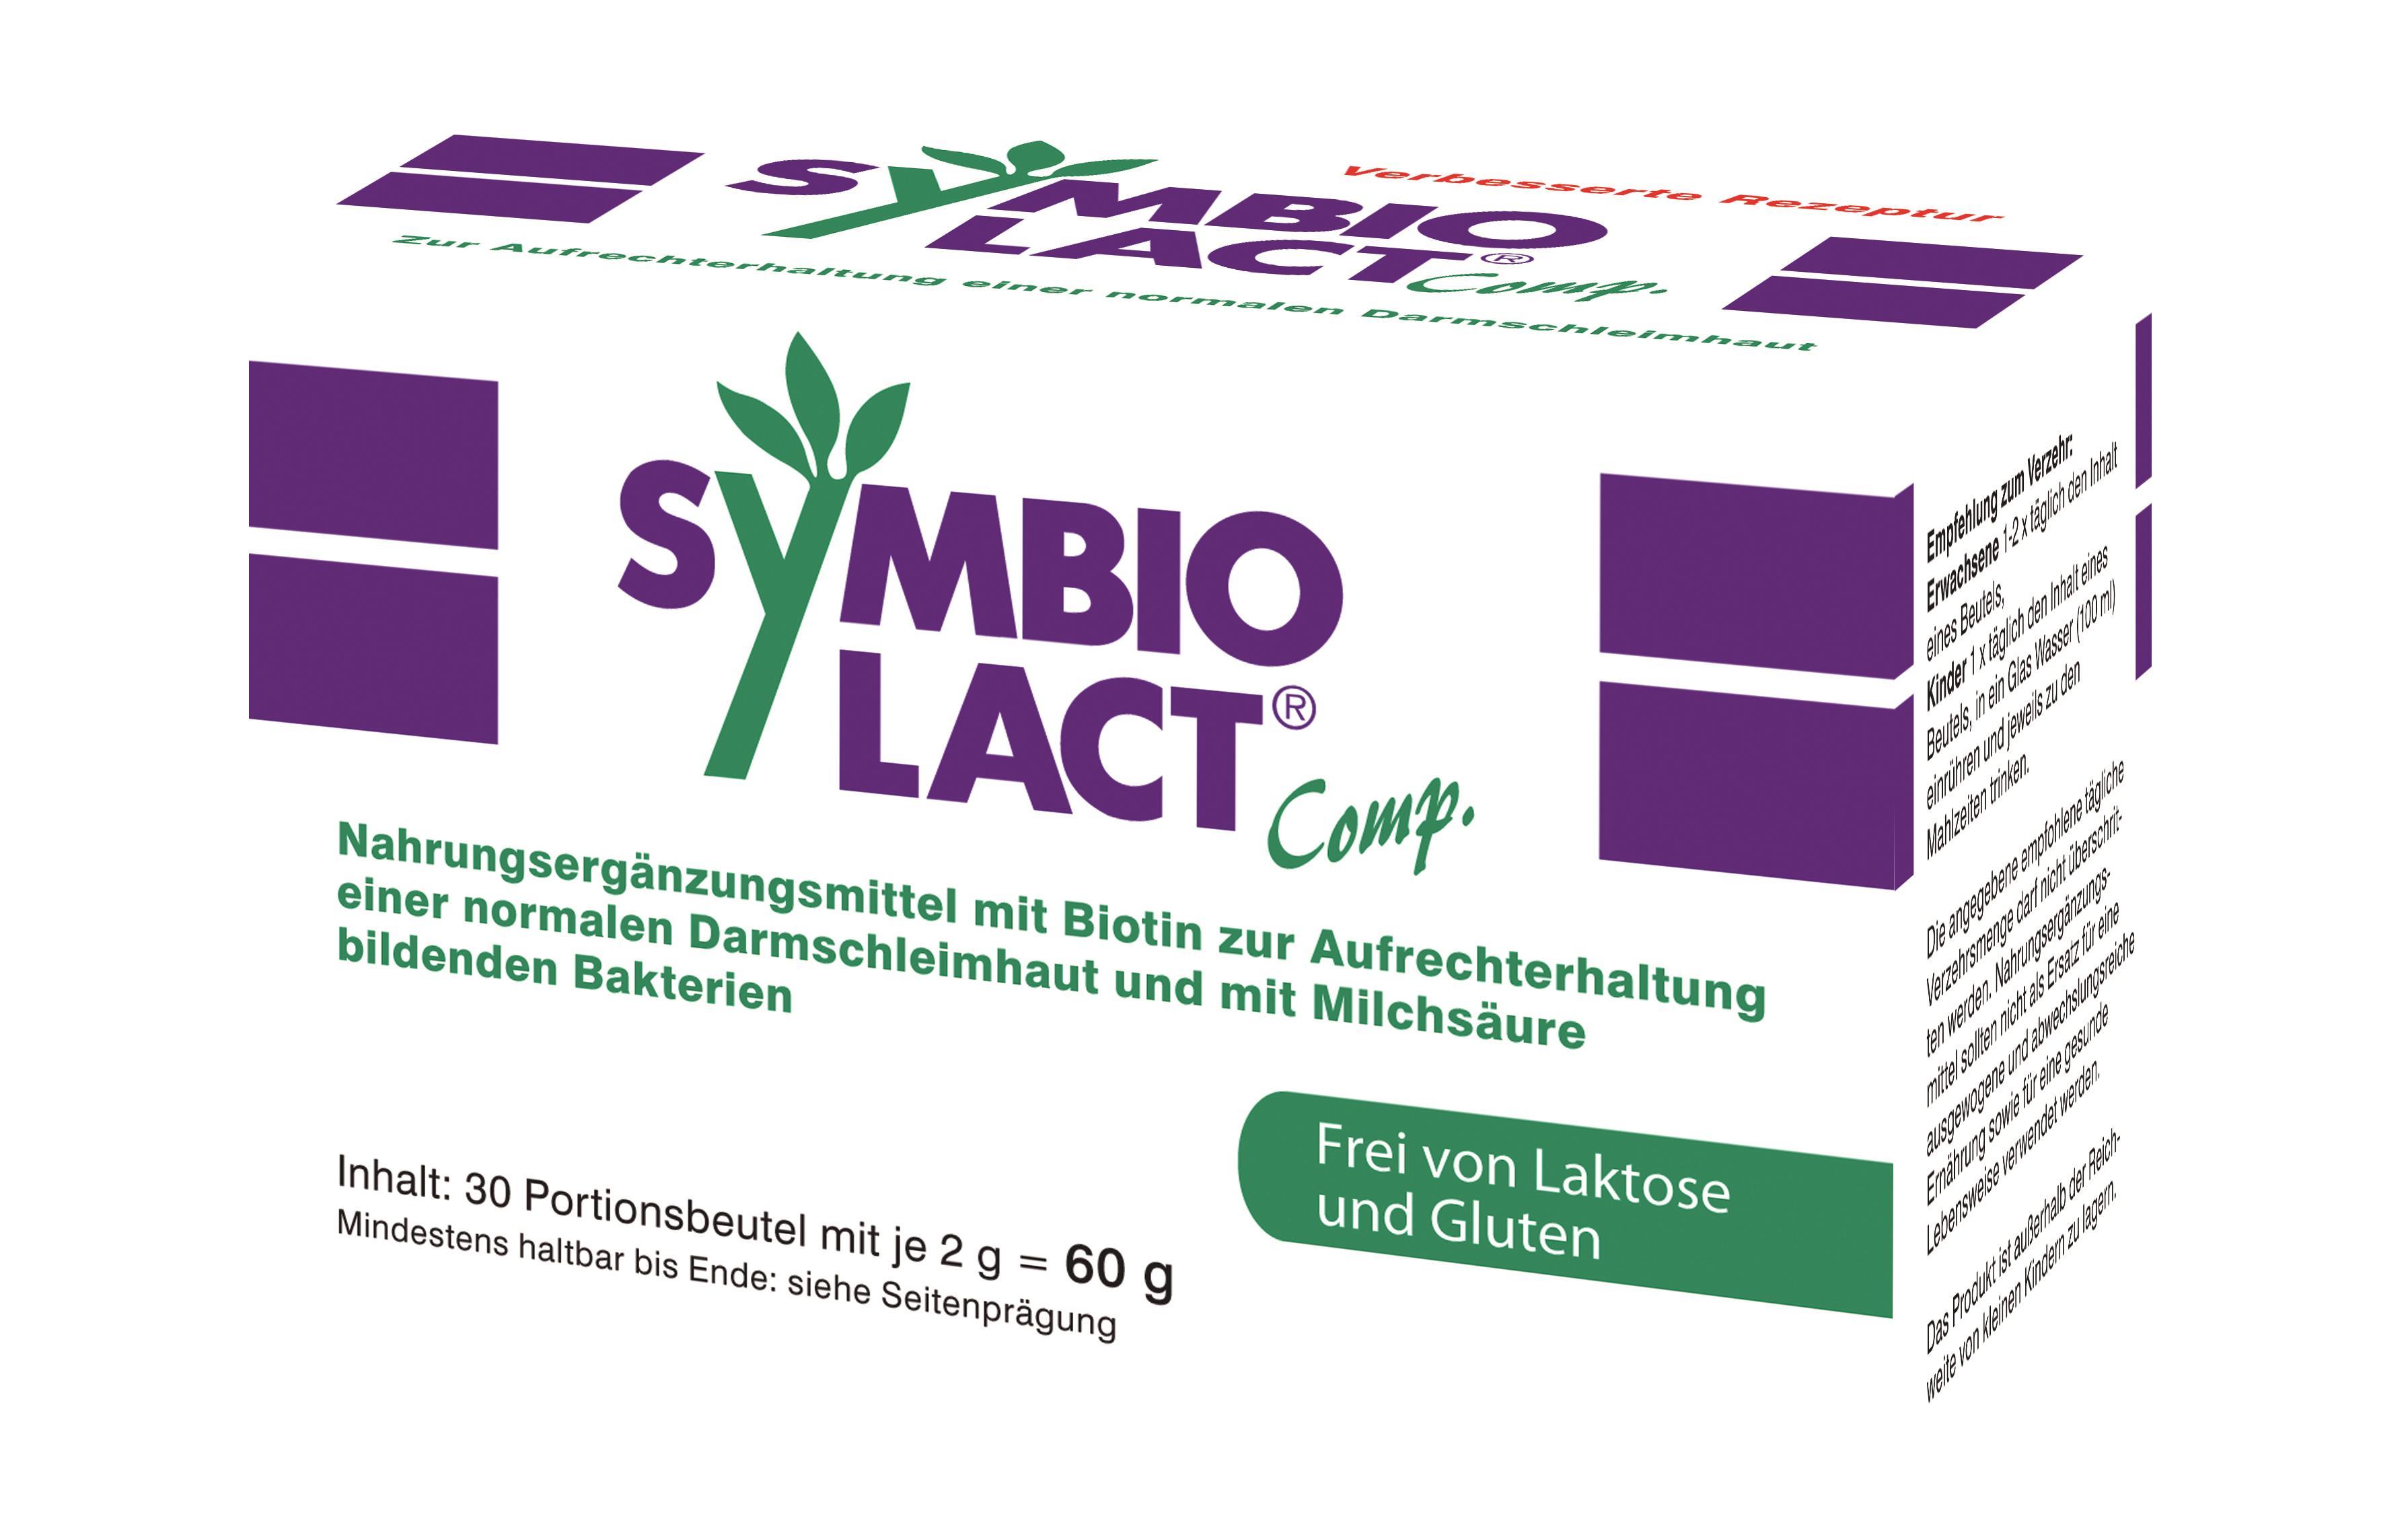 SymbioLact® Comp.